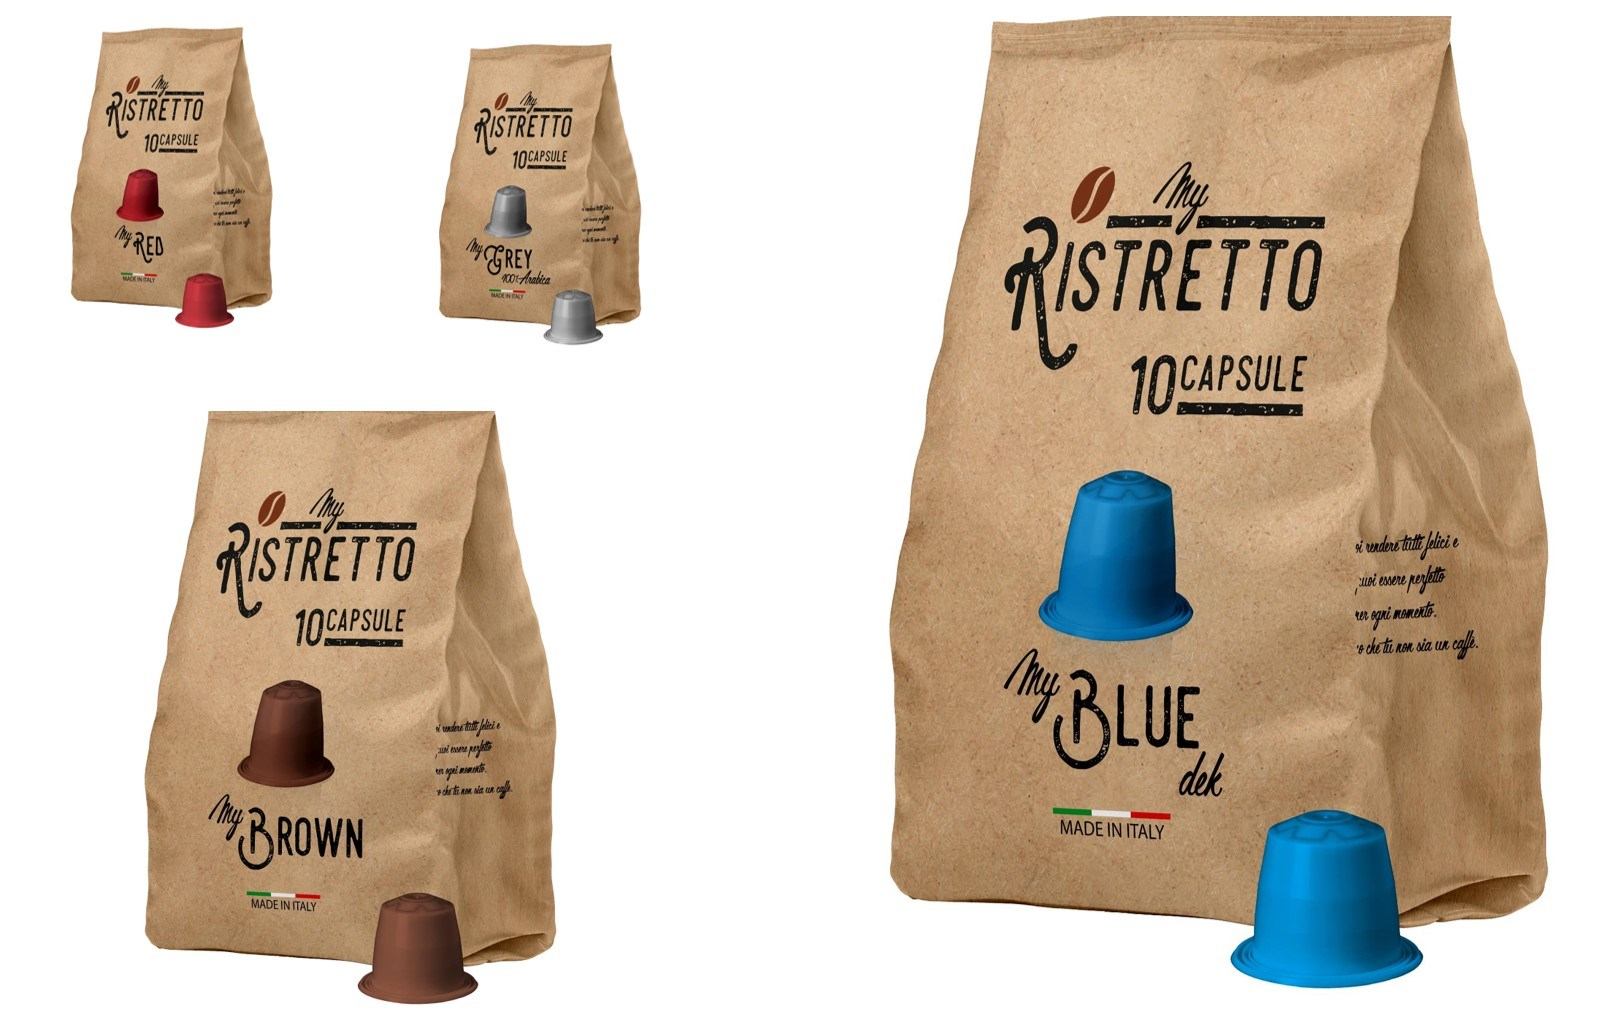 Ιταλικές Κάψουλες συμβατές με όλες τις μηχανές NESPRESSO! ... από 0,20€ / Κάψουλα (η Καλύτερη τιμή της αγοράς)! Απολαύστε αρωματικό Ristretto ή Espresso ή Lungo, στο σπίτι ή το γραφείο σας, με τις αυθεντικές ιταλικές κάψουλες My Ristretto!